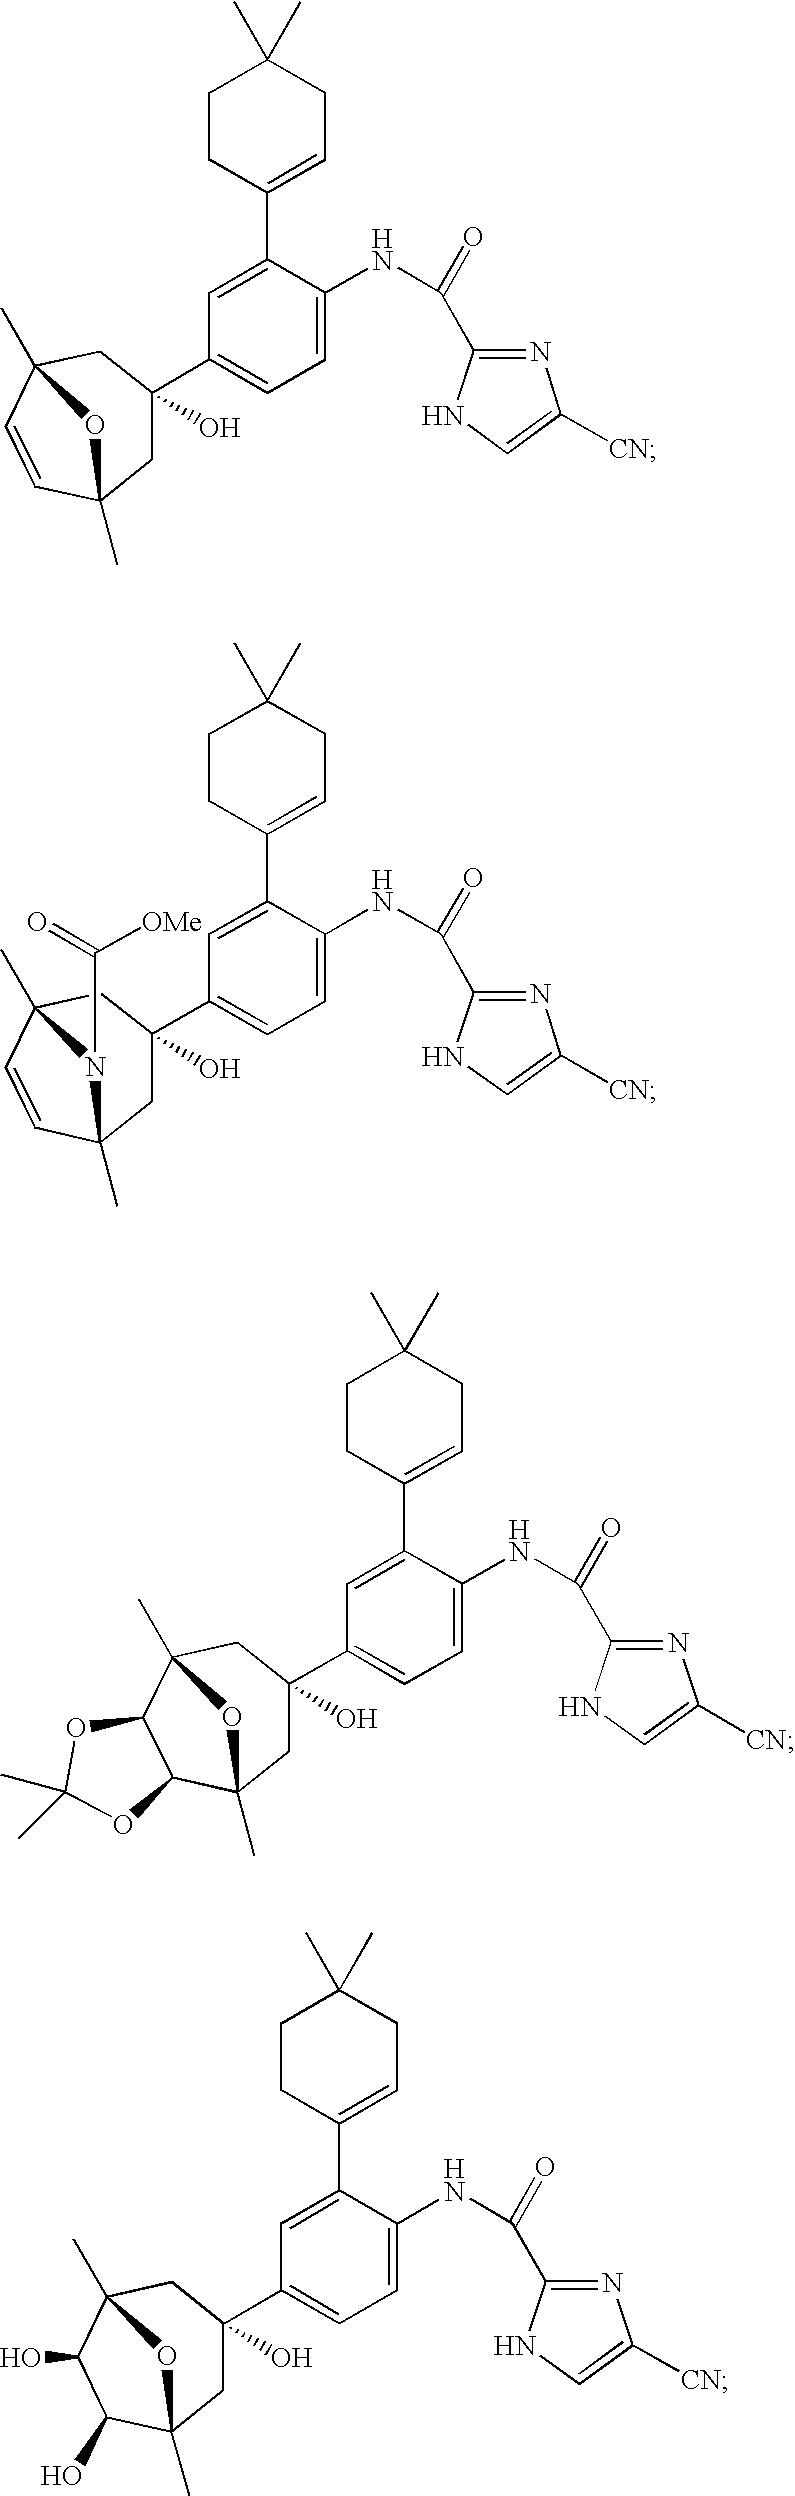 Figure US08497376-20130730-C00182